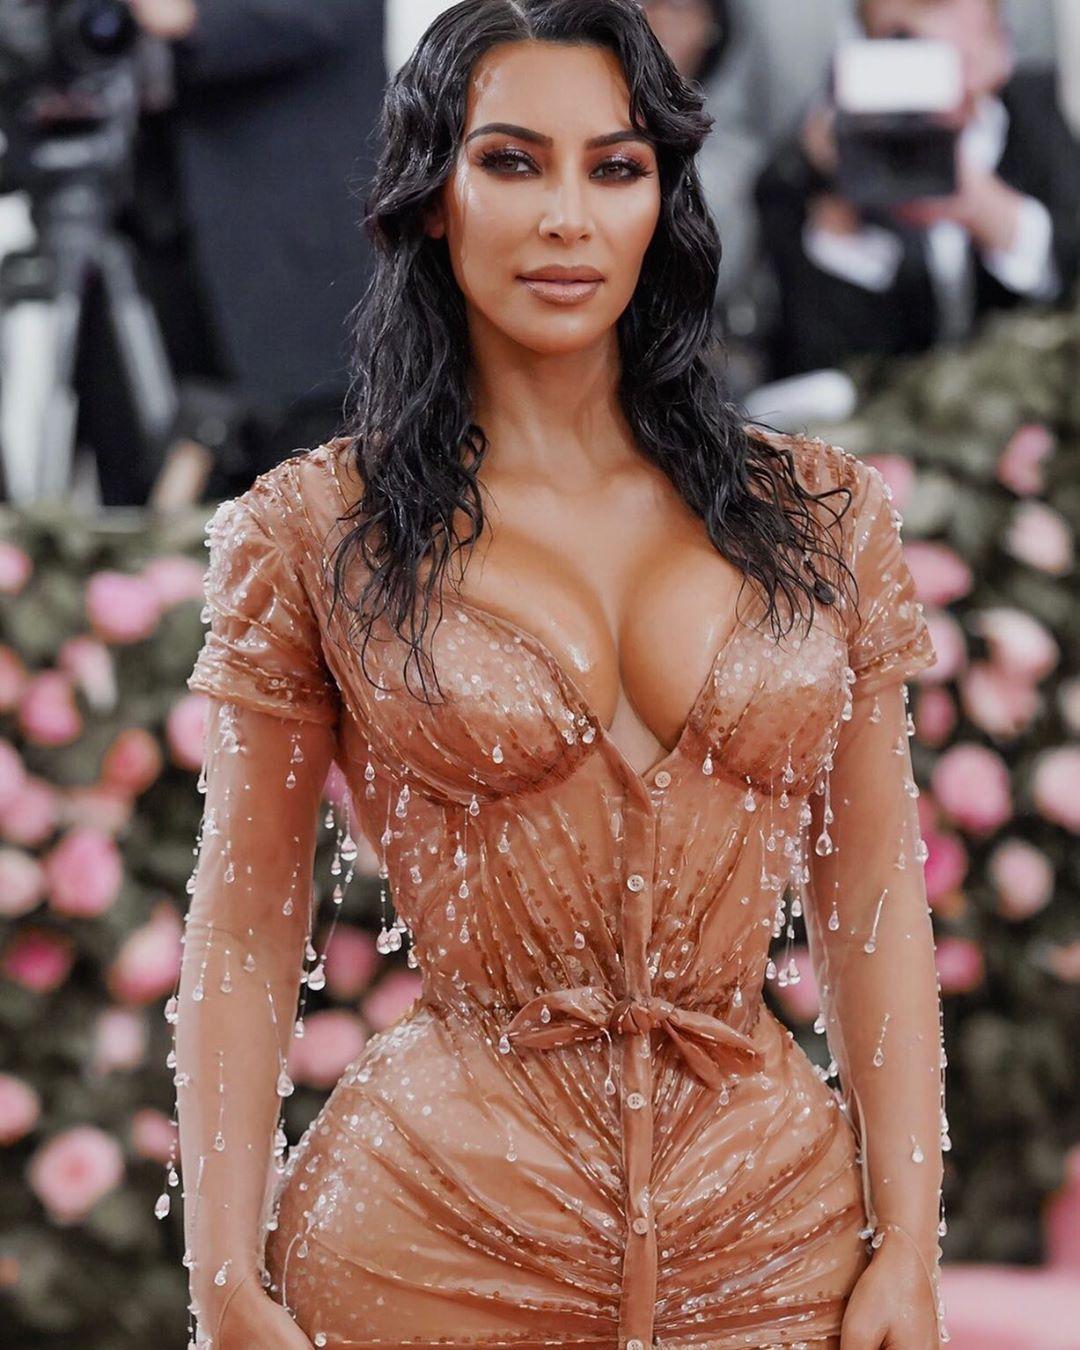 मीडिया रिपोर्ट्सनुसार, किमची कंबर अधिक मादक दिसावी म्हणून तिच्या या ड्रेसला कमरेतून जास्त टाइट करण्यात आलं होतं. पण जेव्हा हा ड्रेस तिने घातला तेव्हा तिला चालणं फिरणं जमत होतं पण बसणं शक्य नव्हतं.